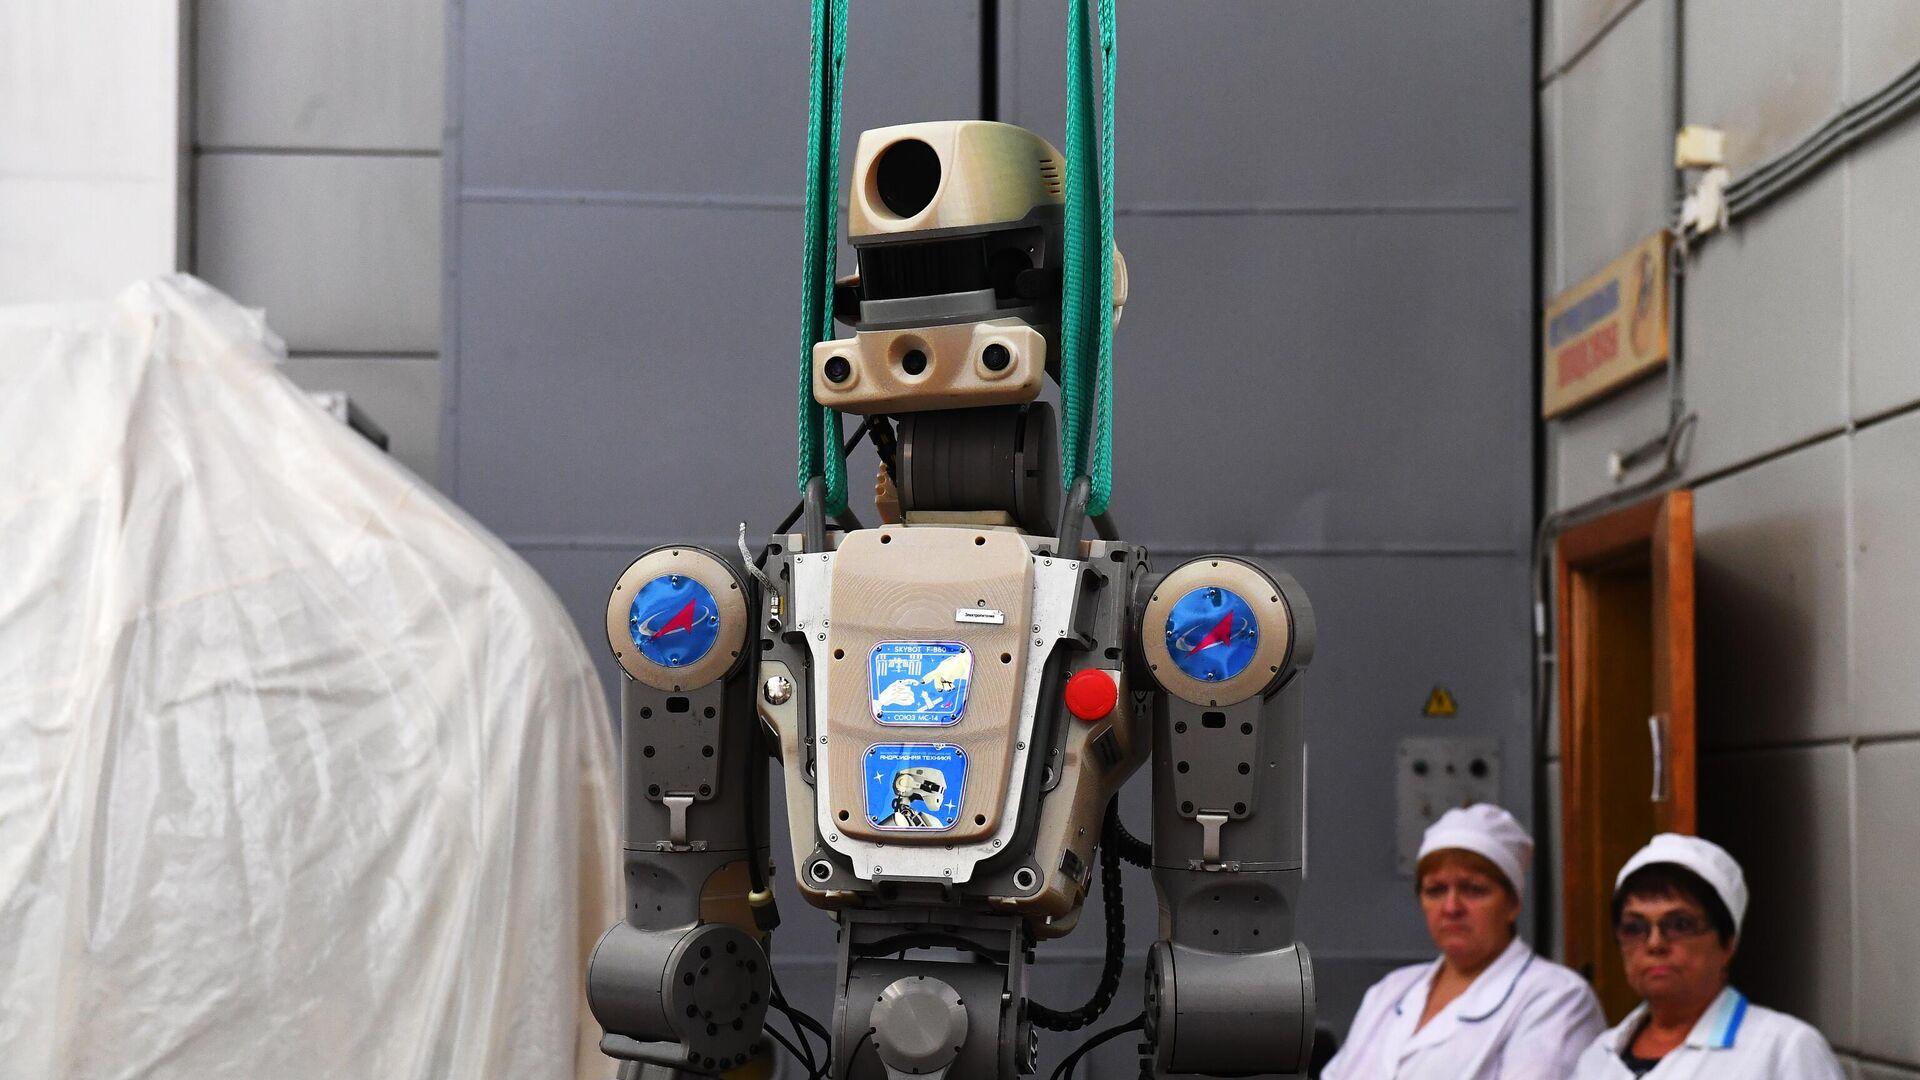 """Разработчик """"Федора"""" отверг версию о причастности робота к трещине на МКС"""